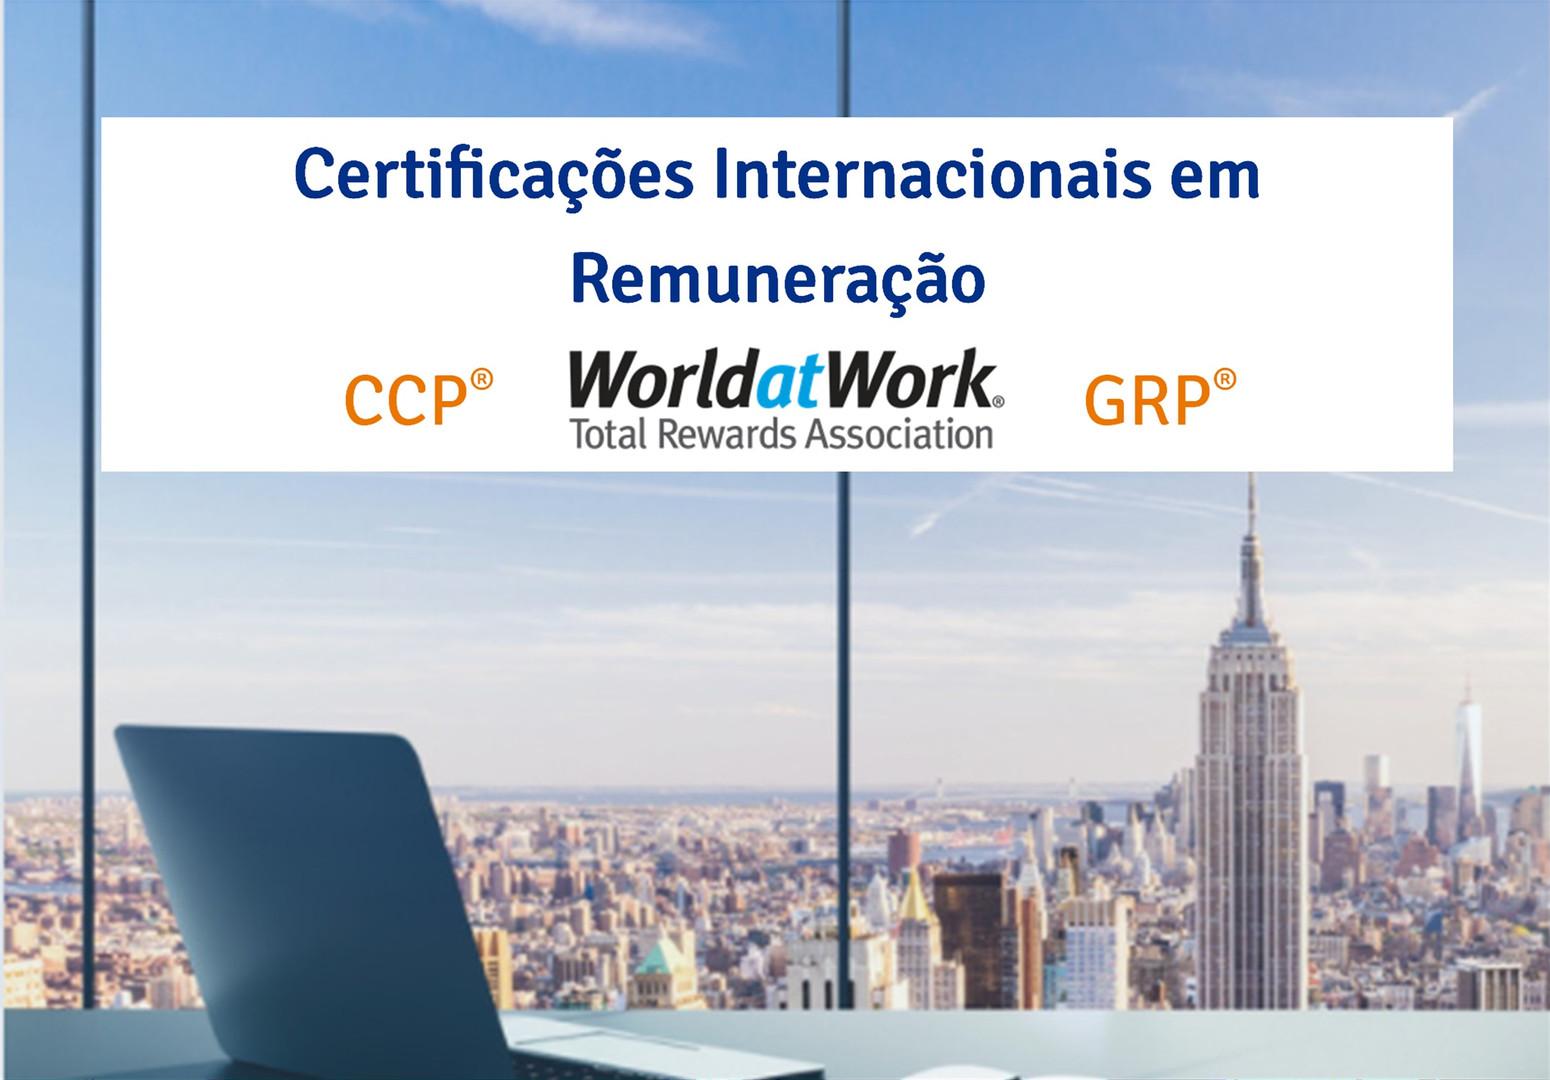 Certificações Internacionais em Remuneração